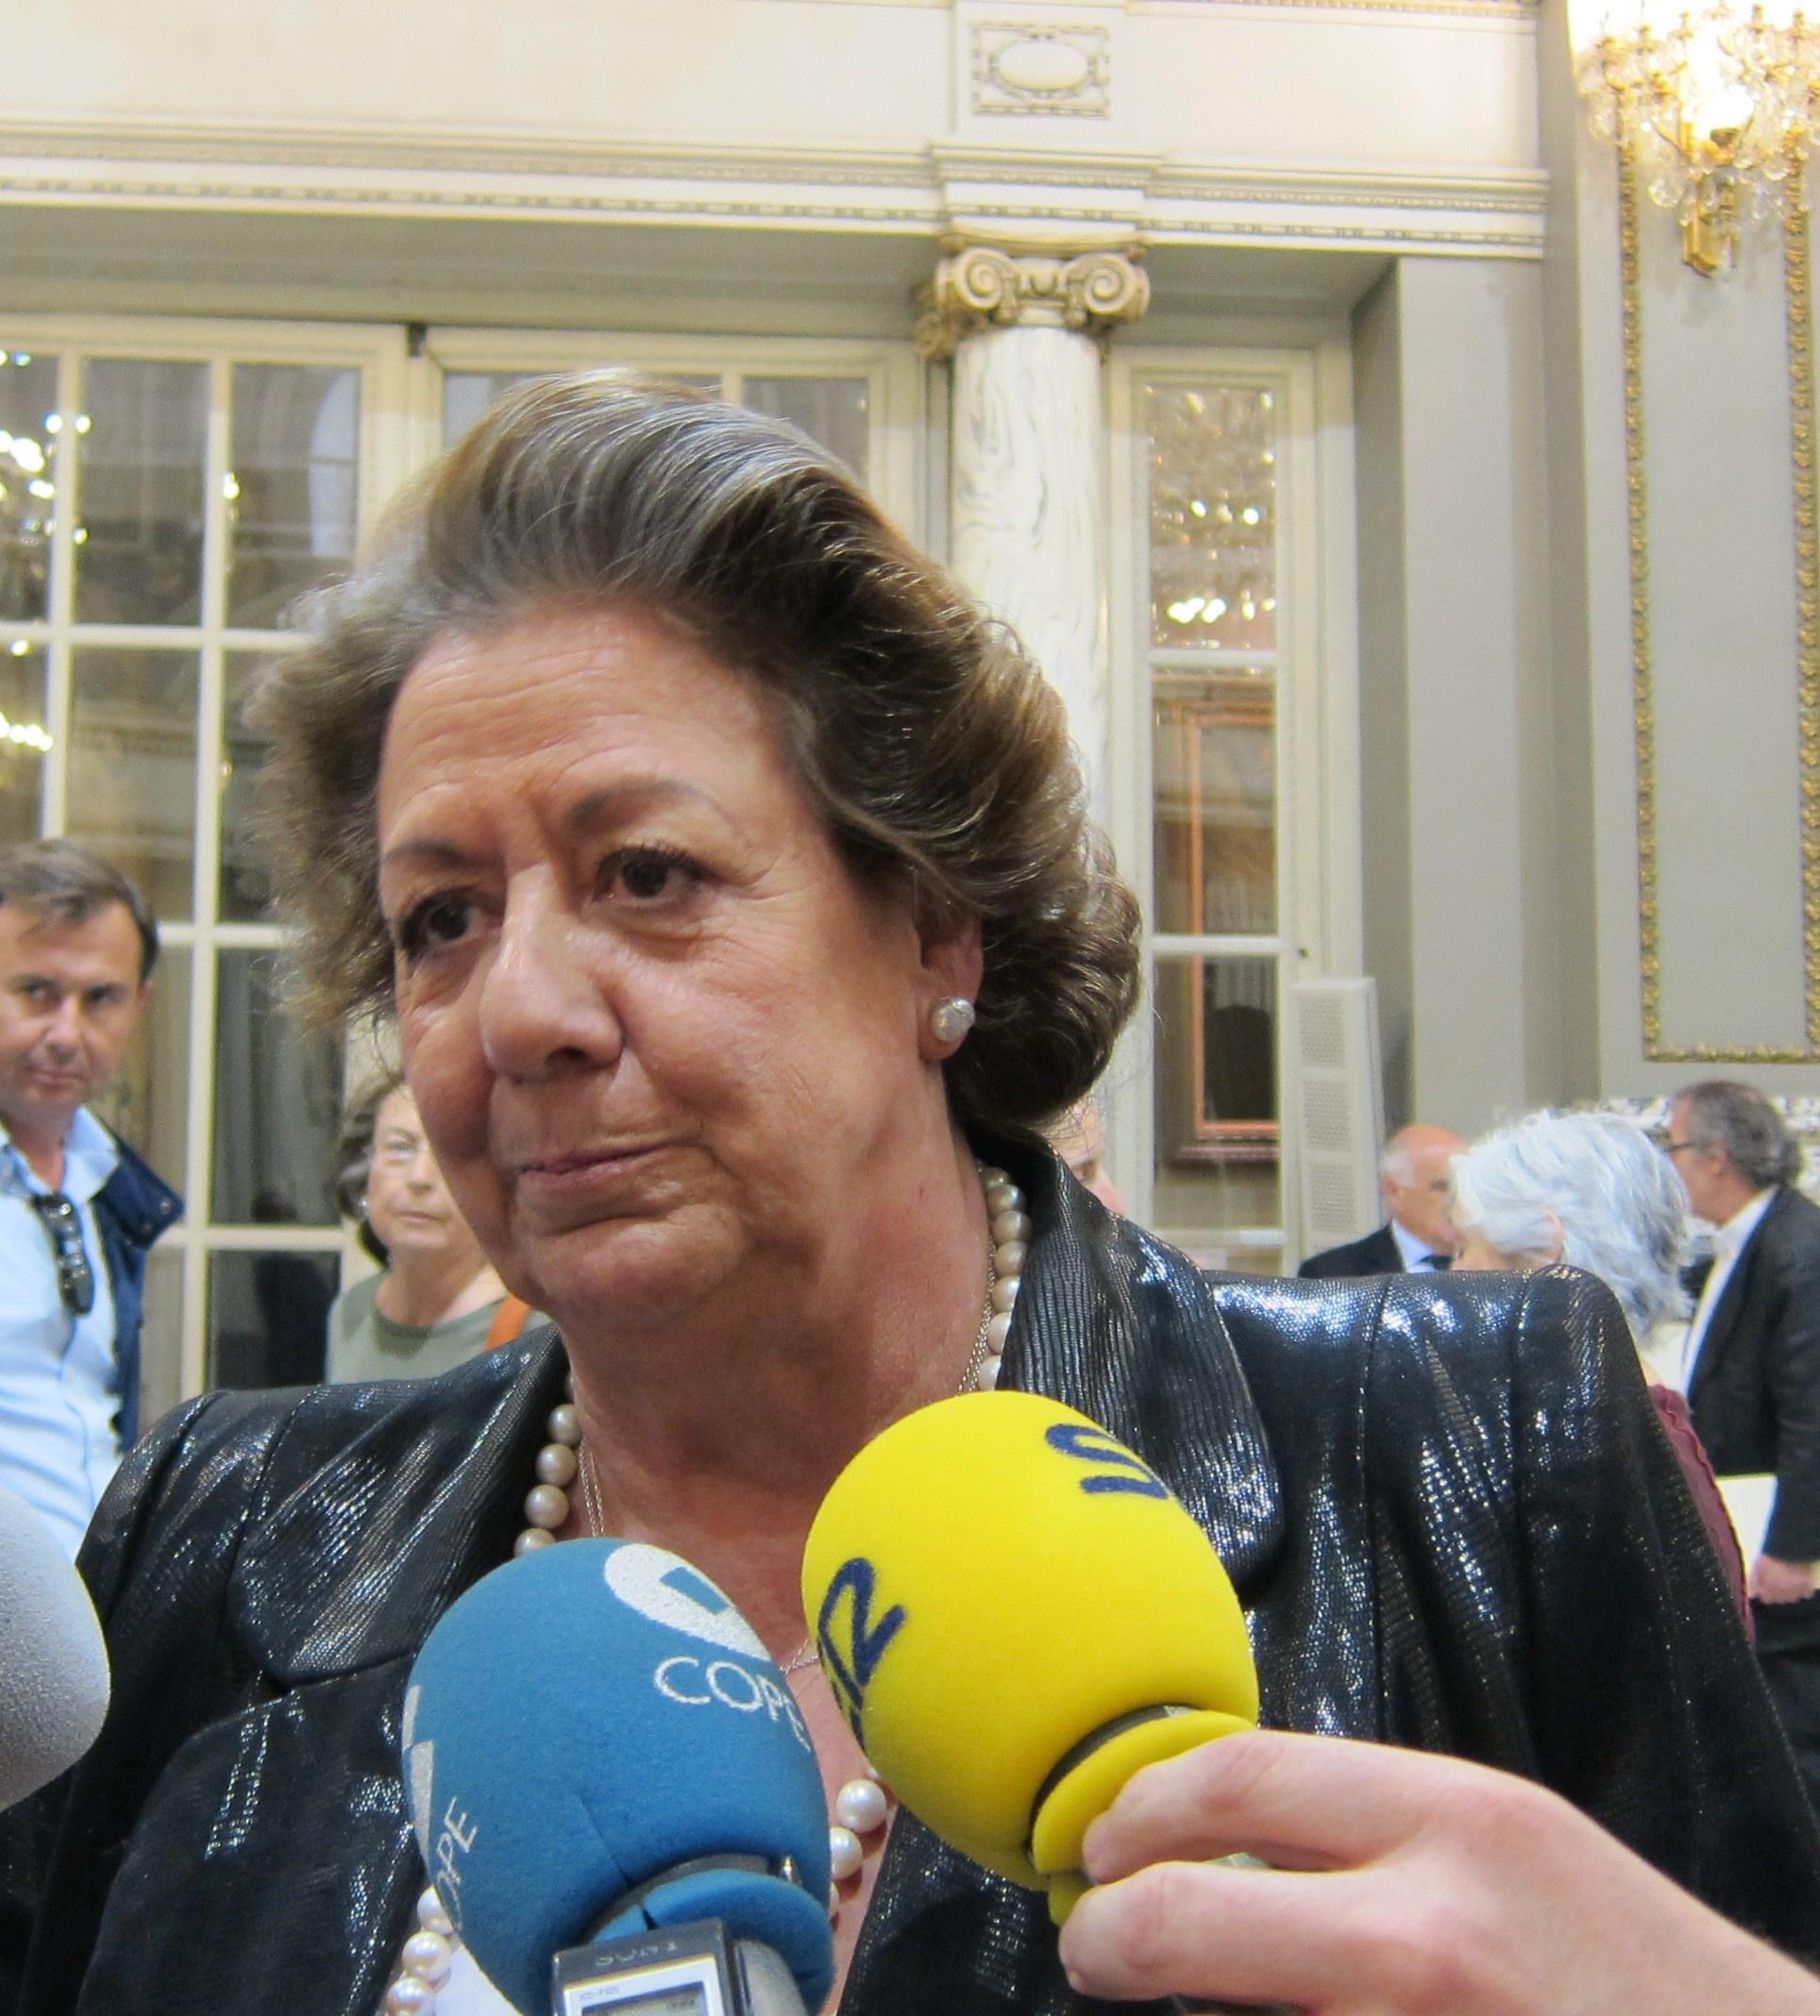 Rita Barberá niega ruptura en el seno del PP aunque «hay mucha gente interesada» en que exista